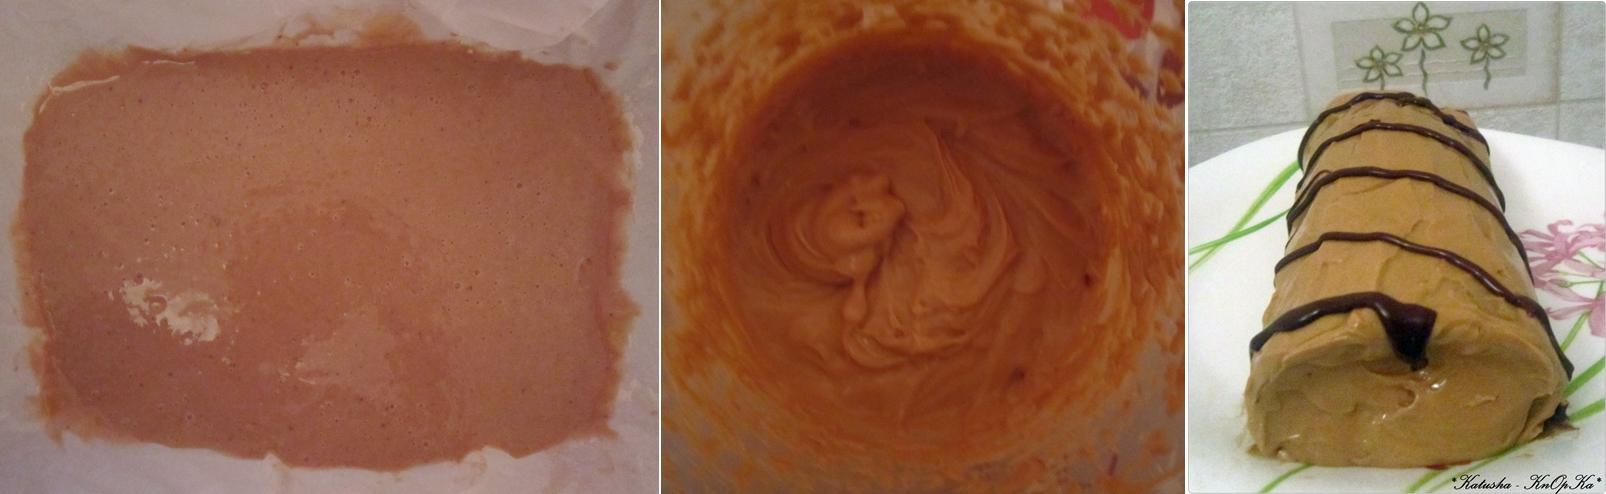 Рецепты кремов для бисквитов с фото пошагово в домашних условиях